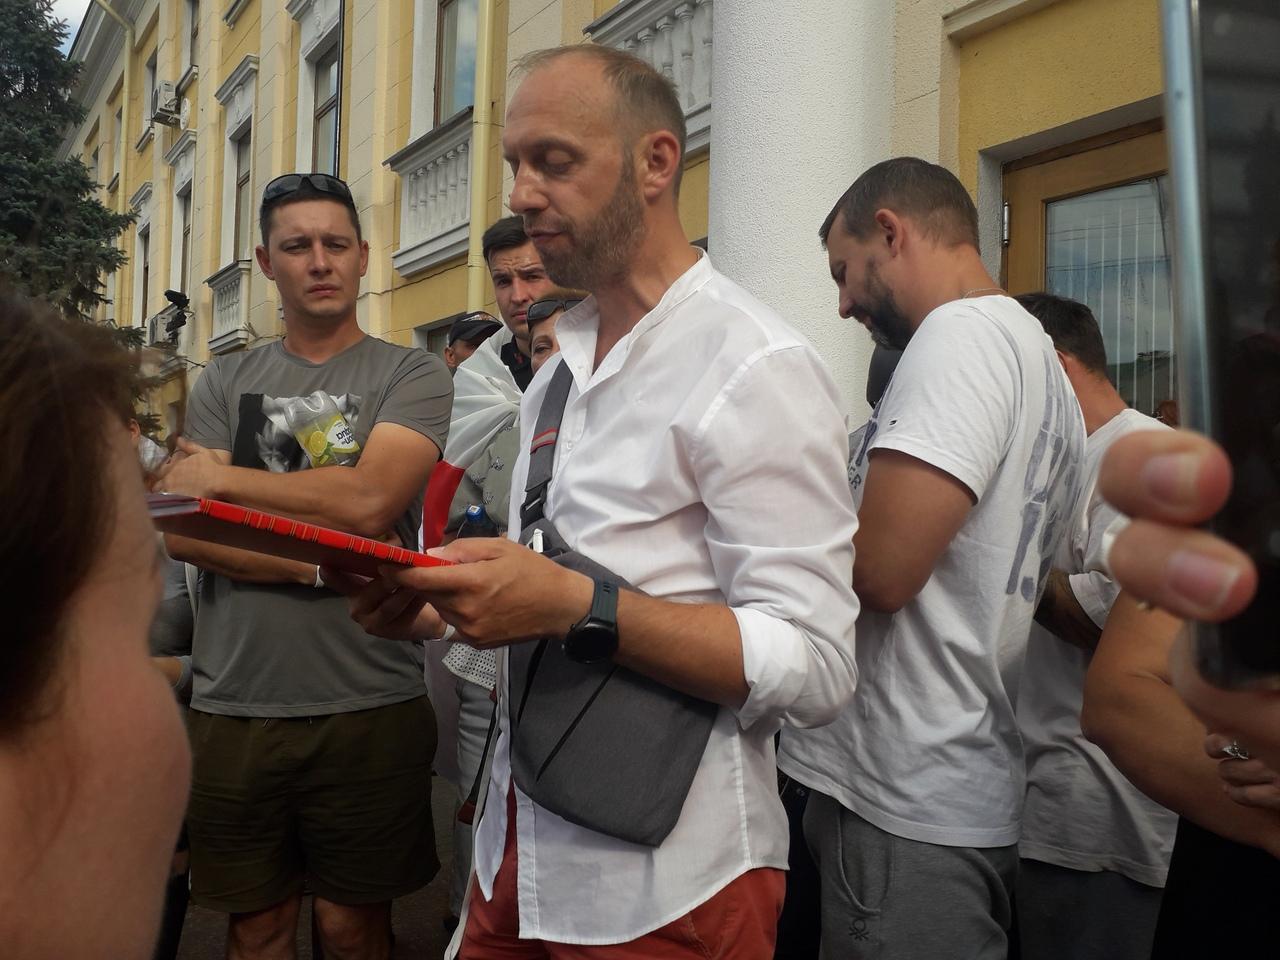 Индивидуальный предприниматель Иван Волчан зачитывает требования. Фото Intex-press